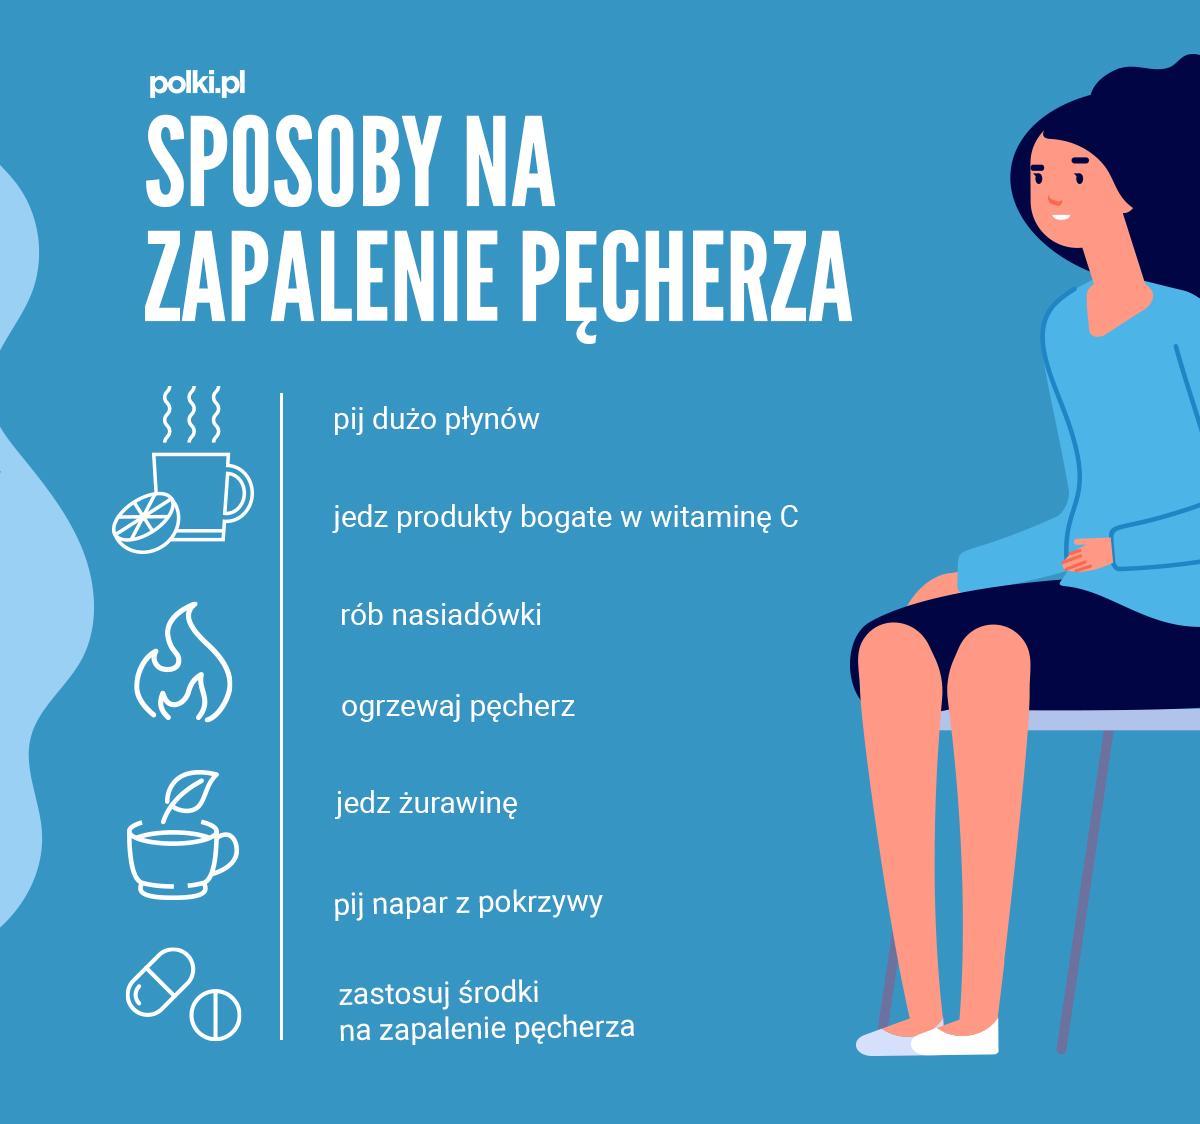 Zapalenie pęcherza - domowe sposoby (7 skutecznych terapii) - Choroby - Polki.pl